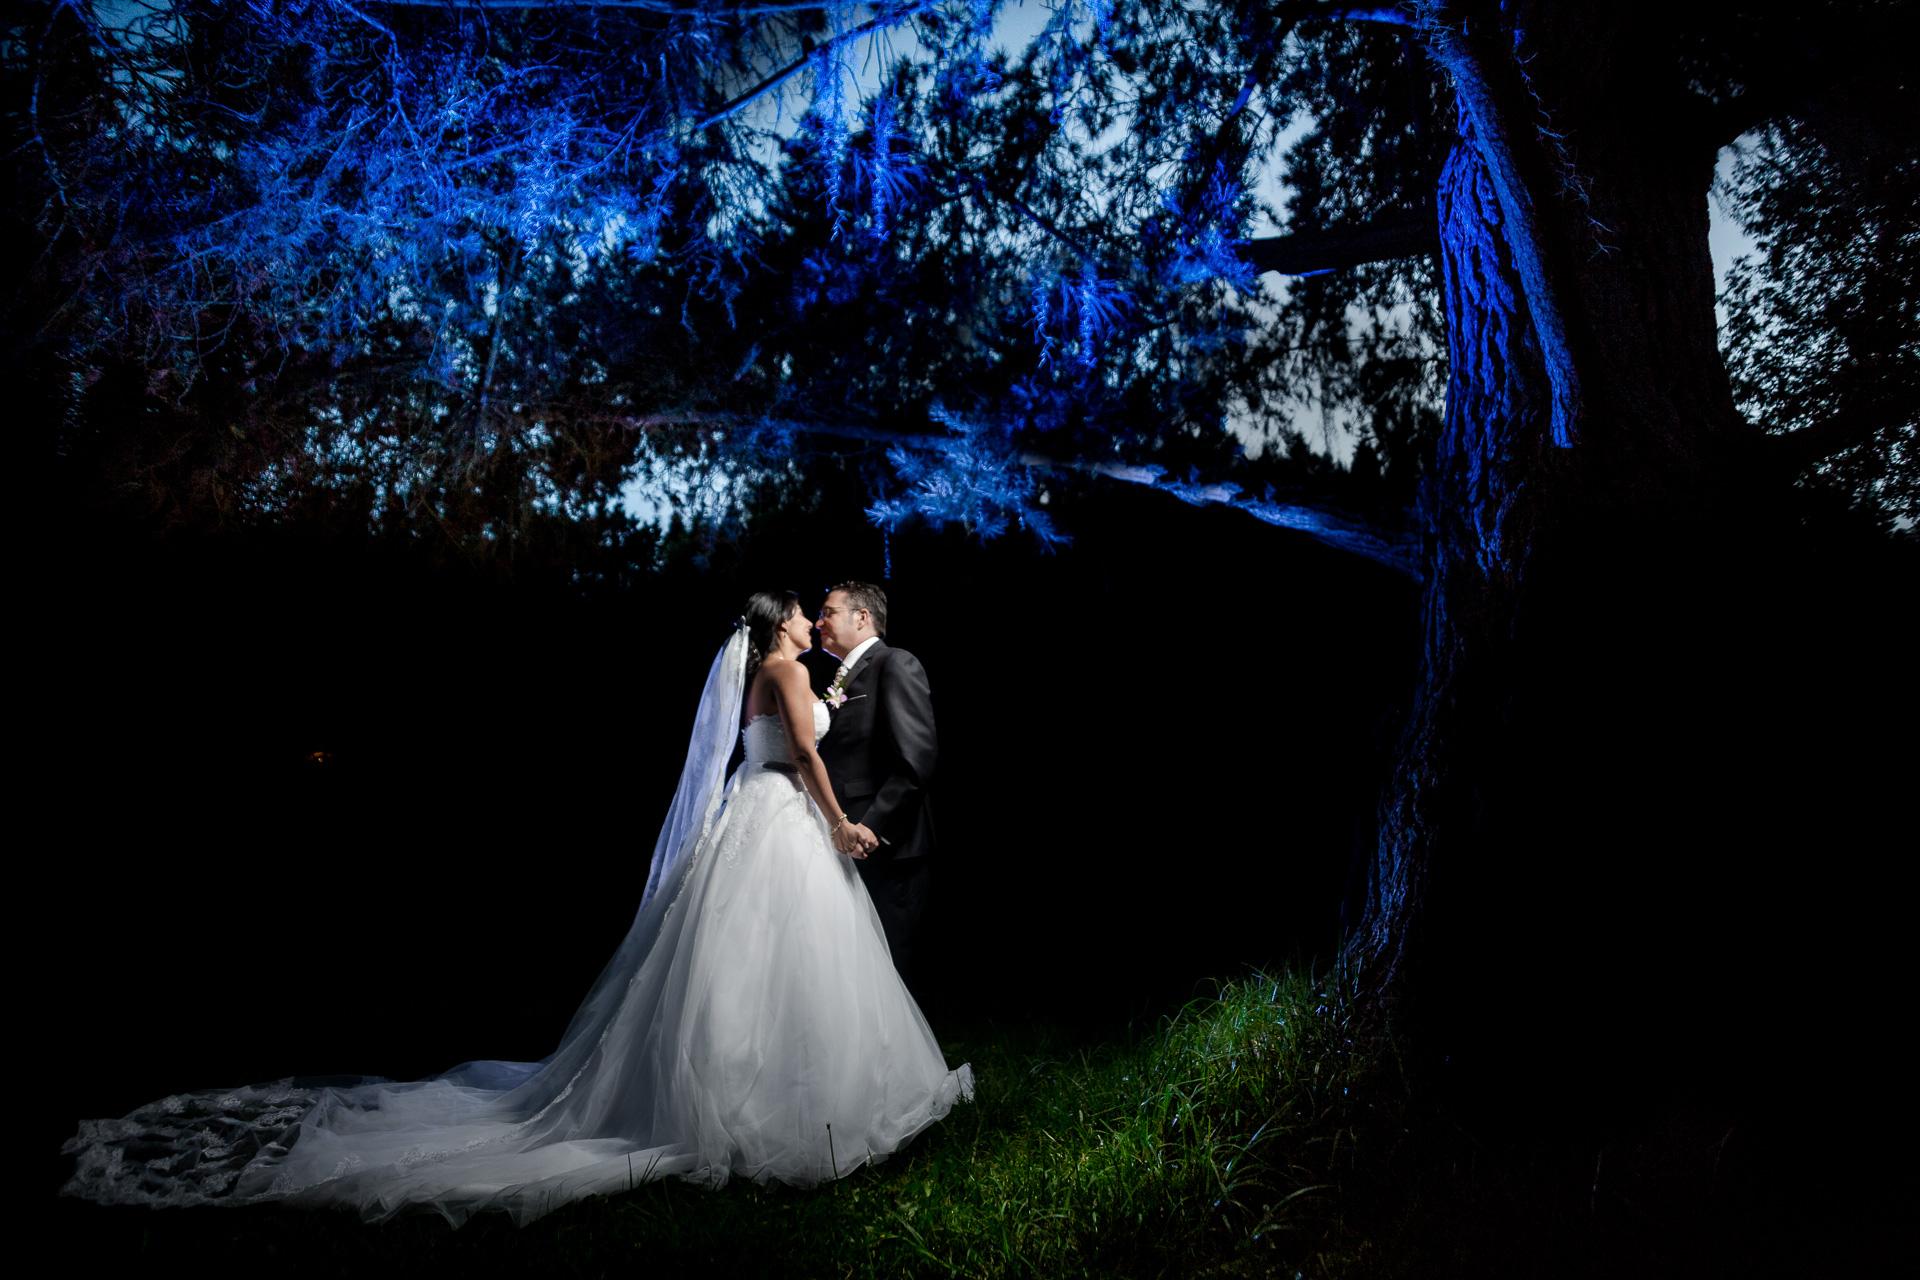 Fotógrafos-de-bodas-en-Colombia-Angela-y-Antonio-51 ANGELA Y ANTONIO